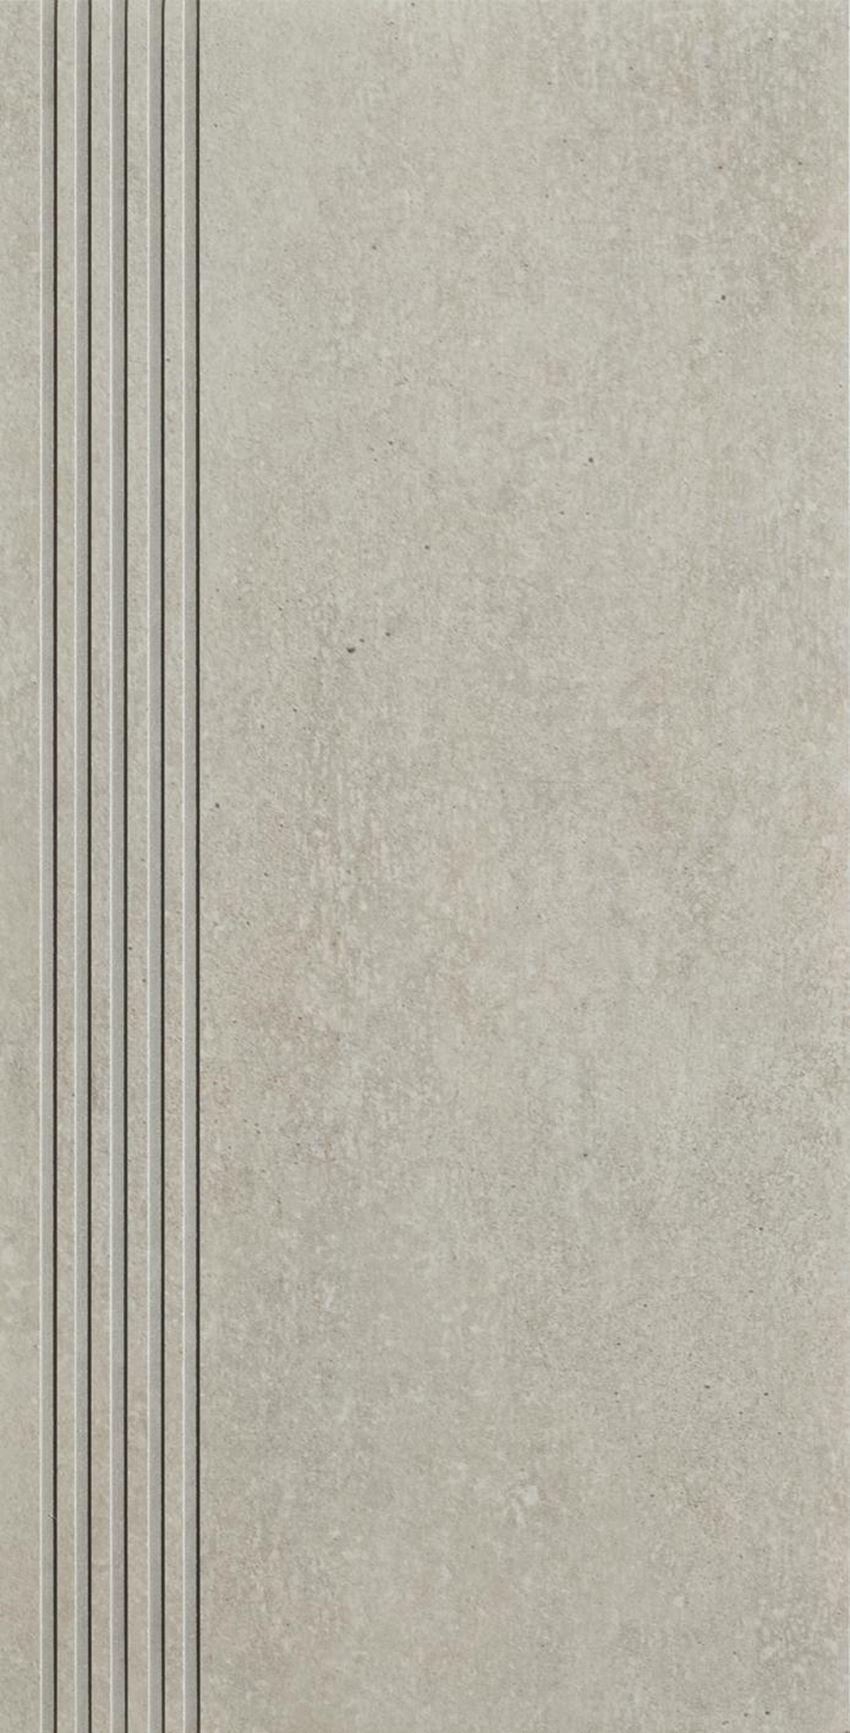 Płytka stopnicowa 29,8x59,8 cm Paradyż Rino Grys Stopnica Prosta Nacinana Mat